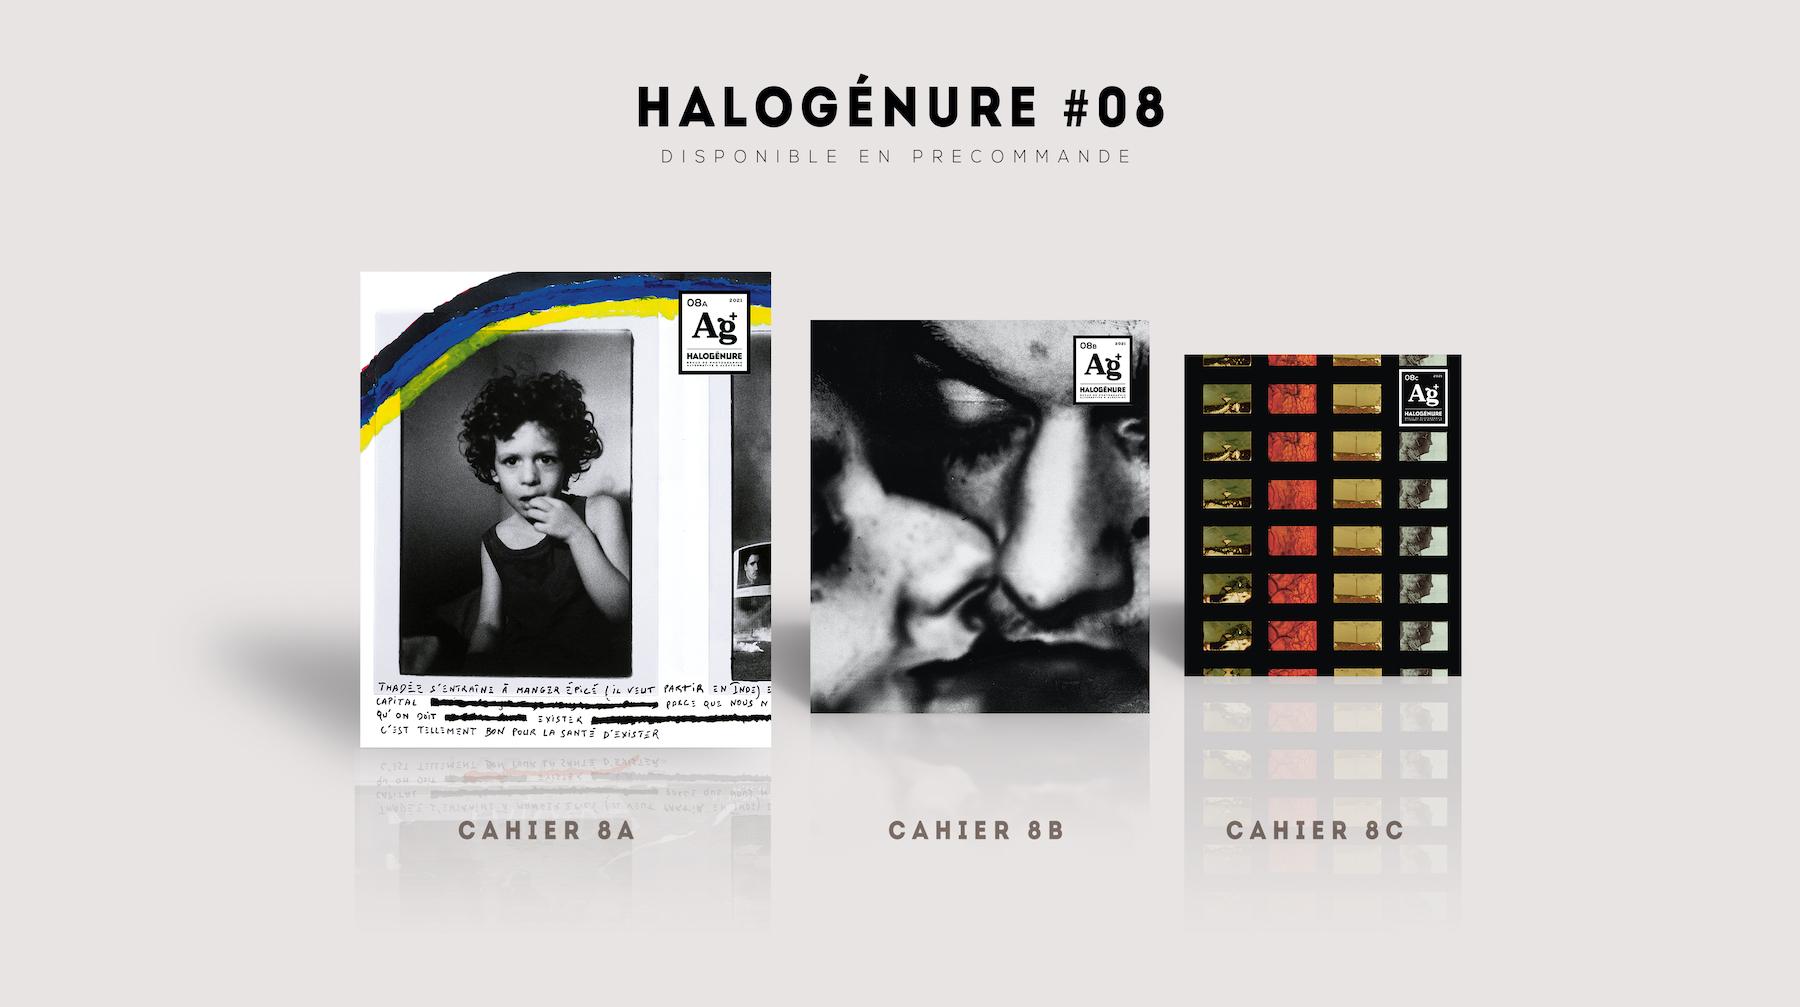 halogénure #08 précommande